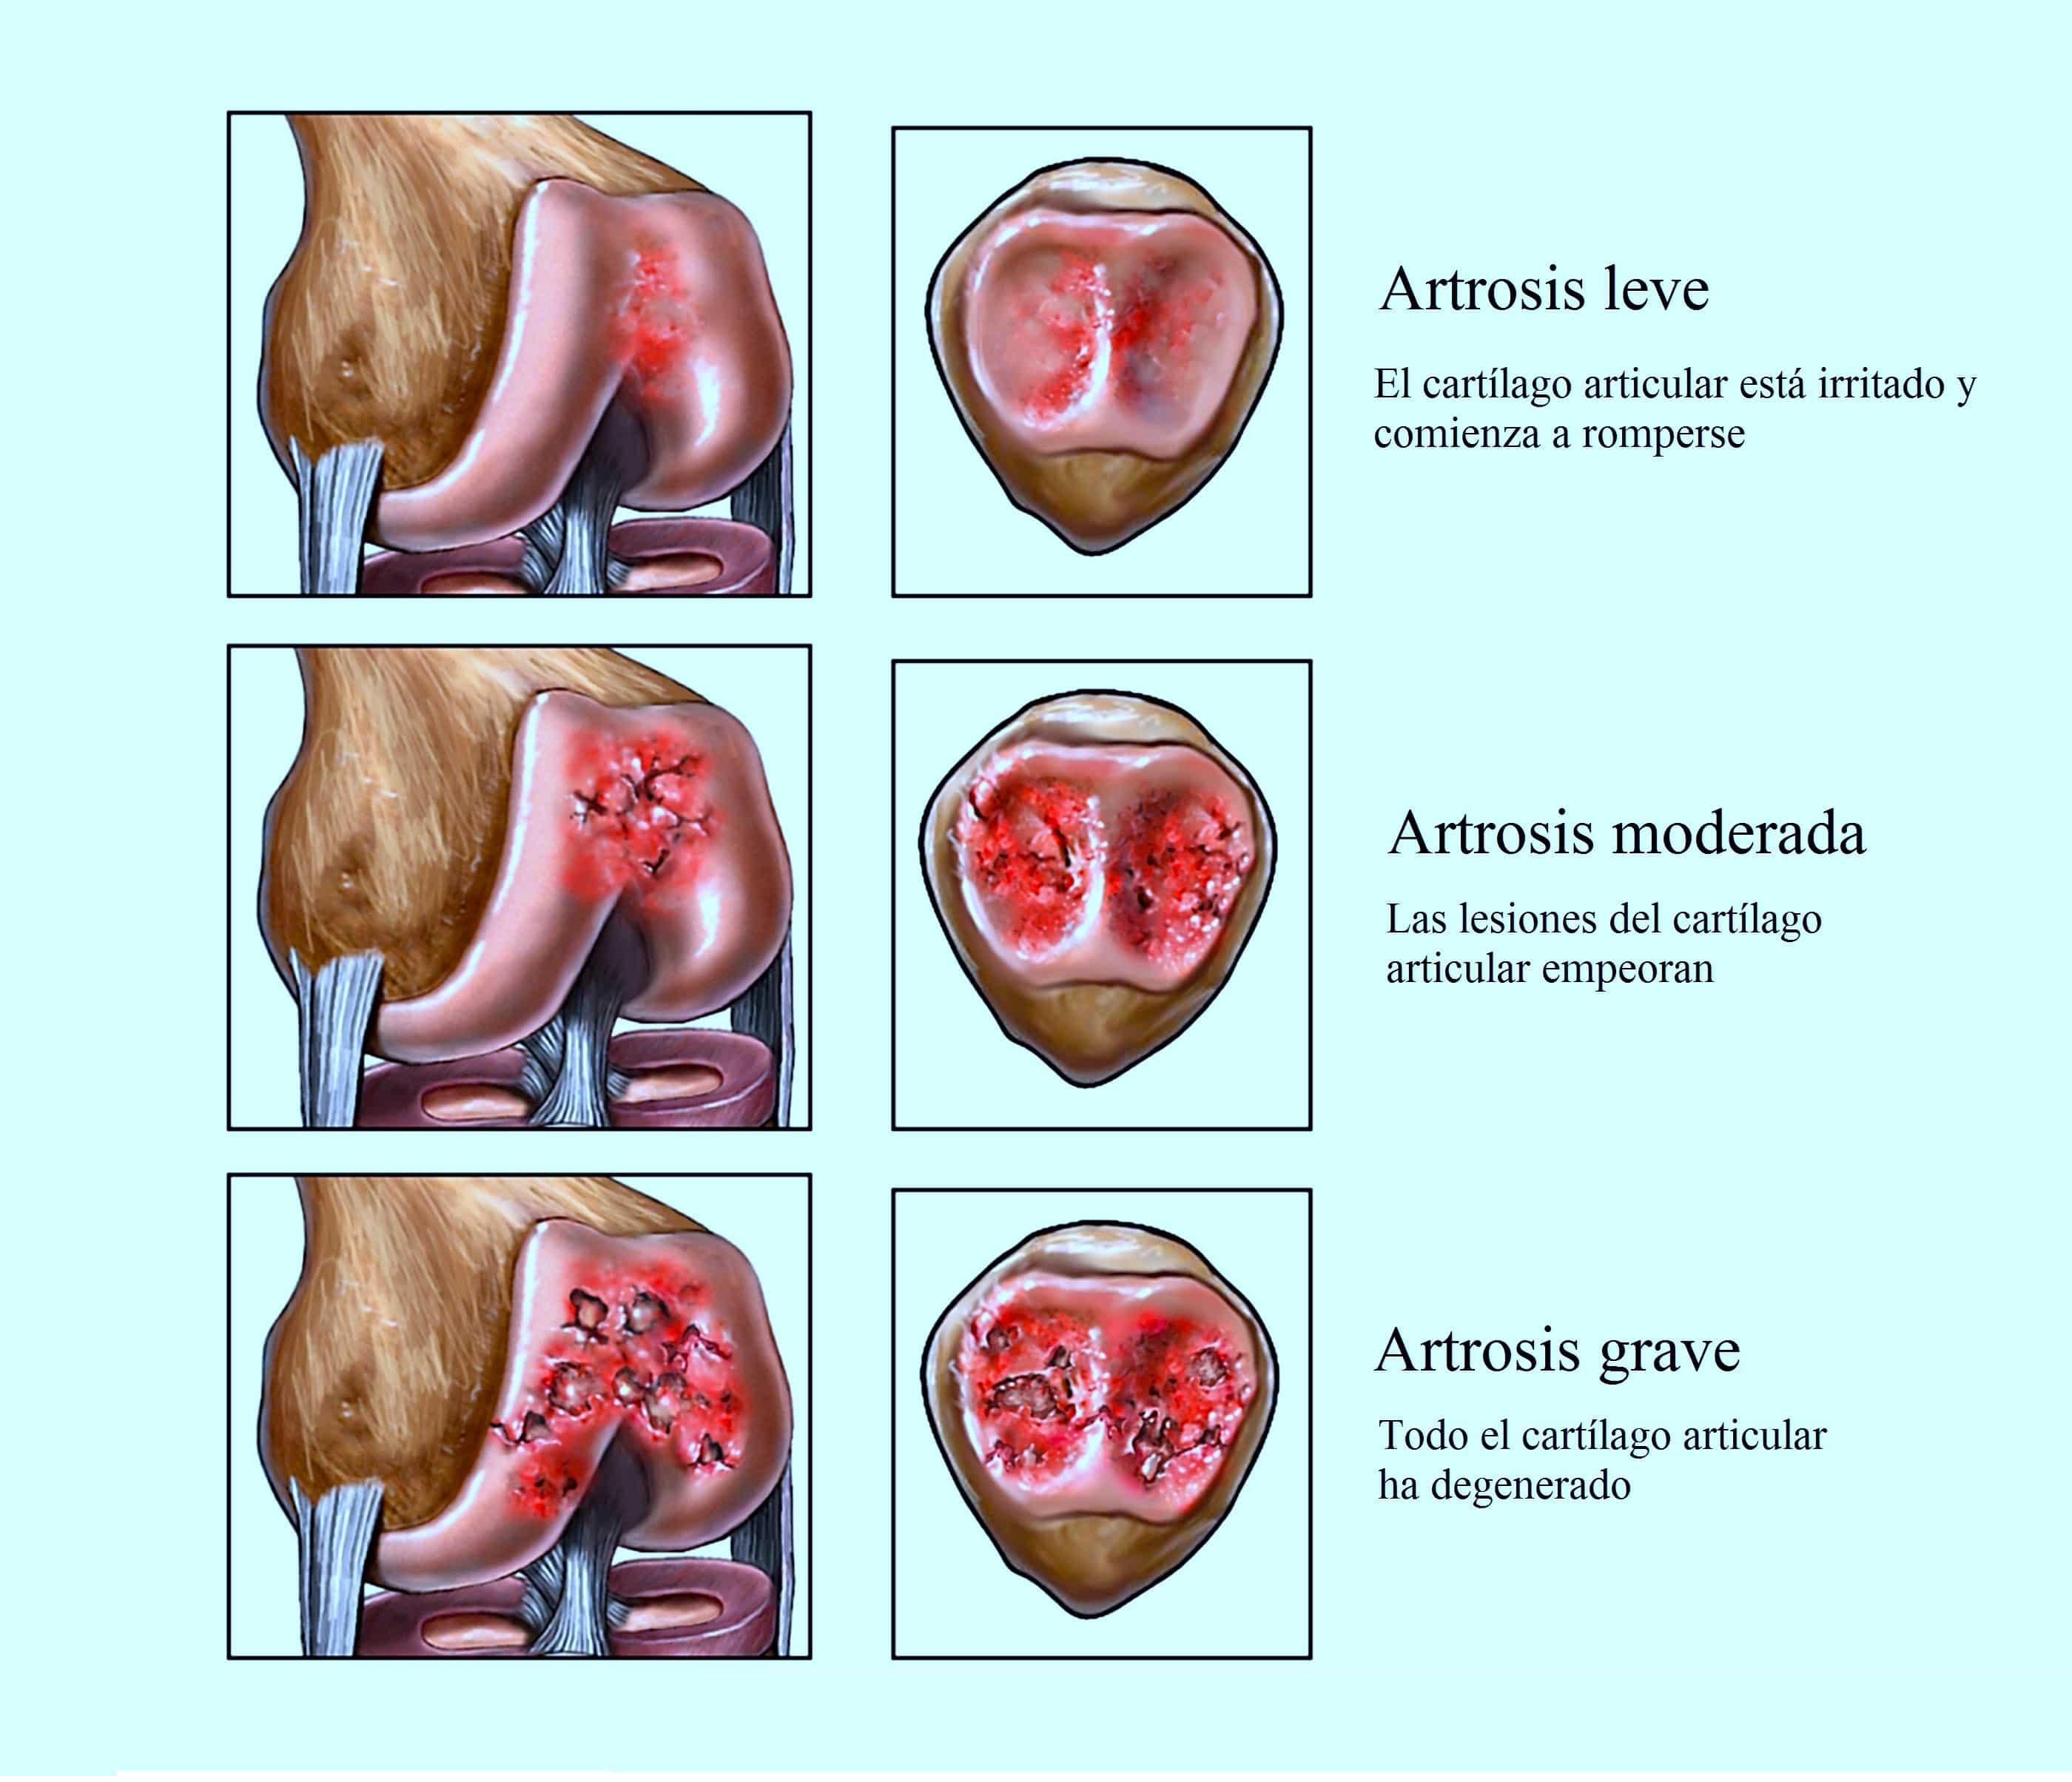 artrosis-de-rodilla-grave-leve